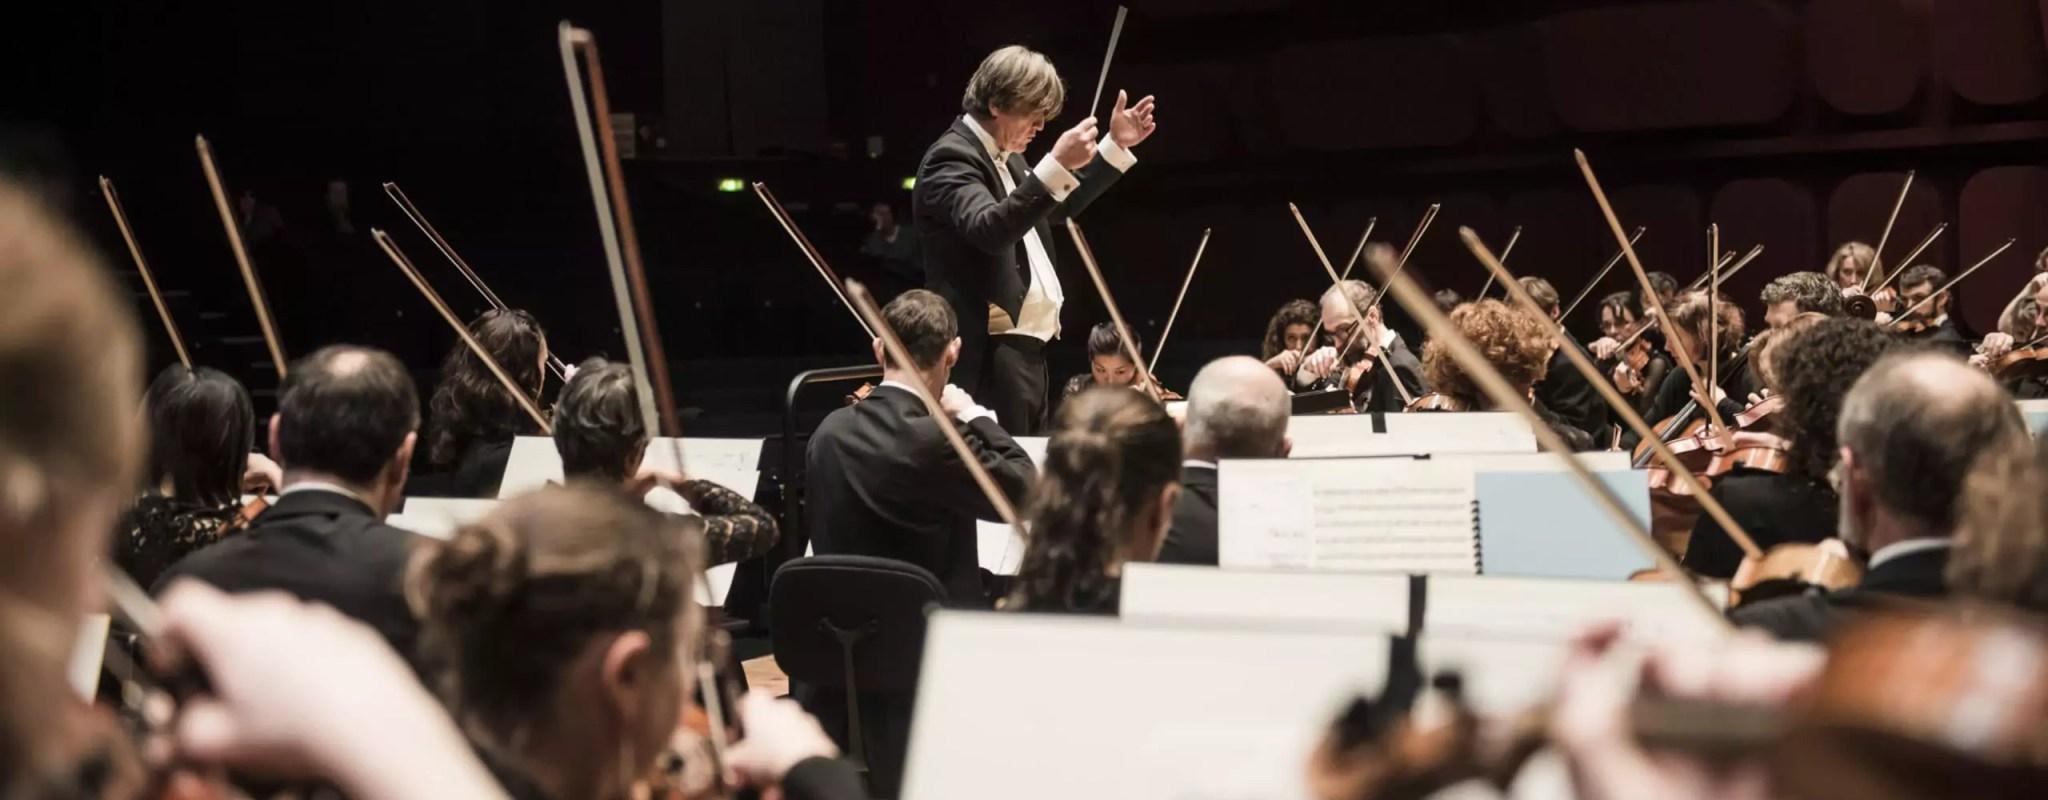 L'Orchestre philharmonique de Strasbourg raccorde ses violons